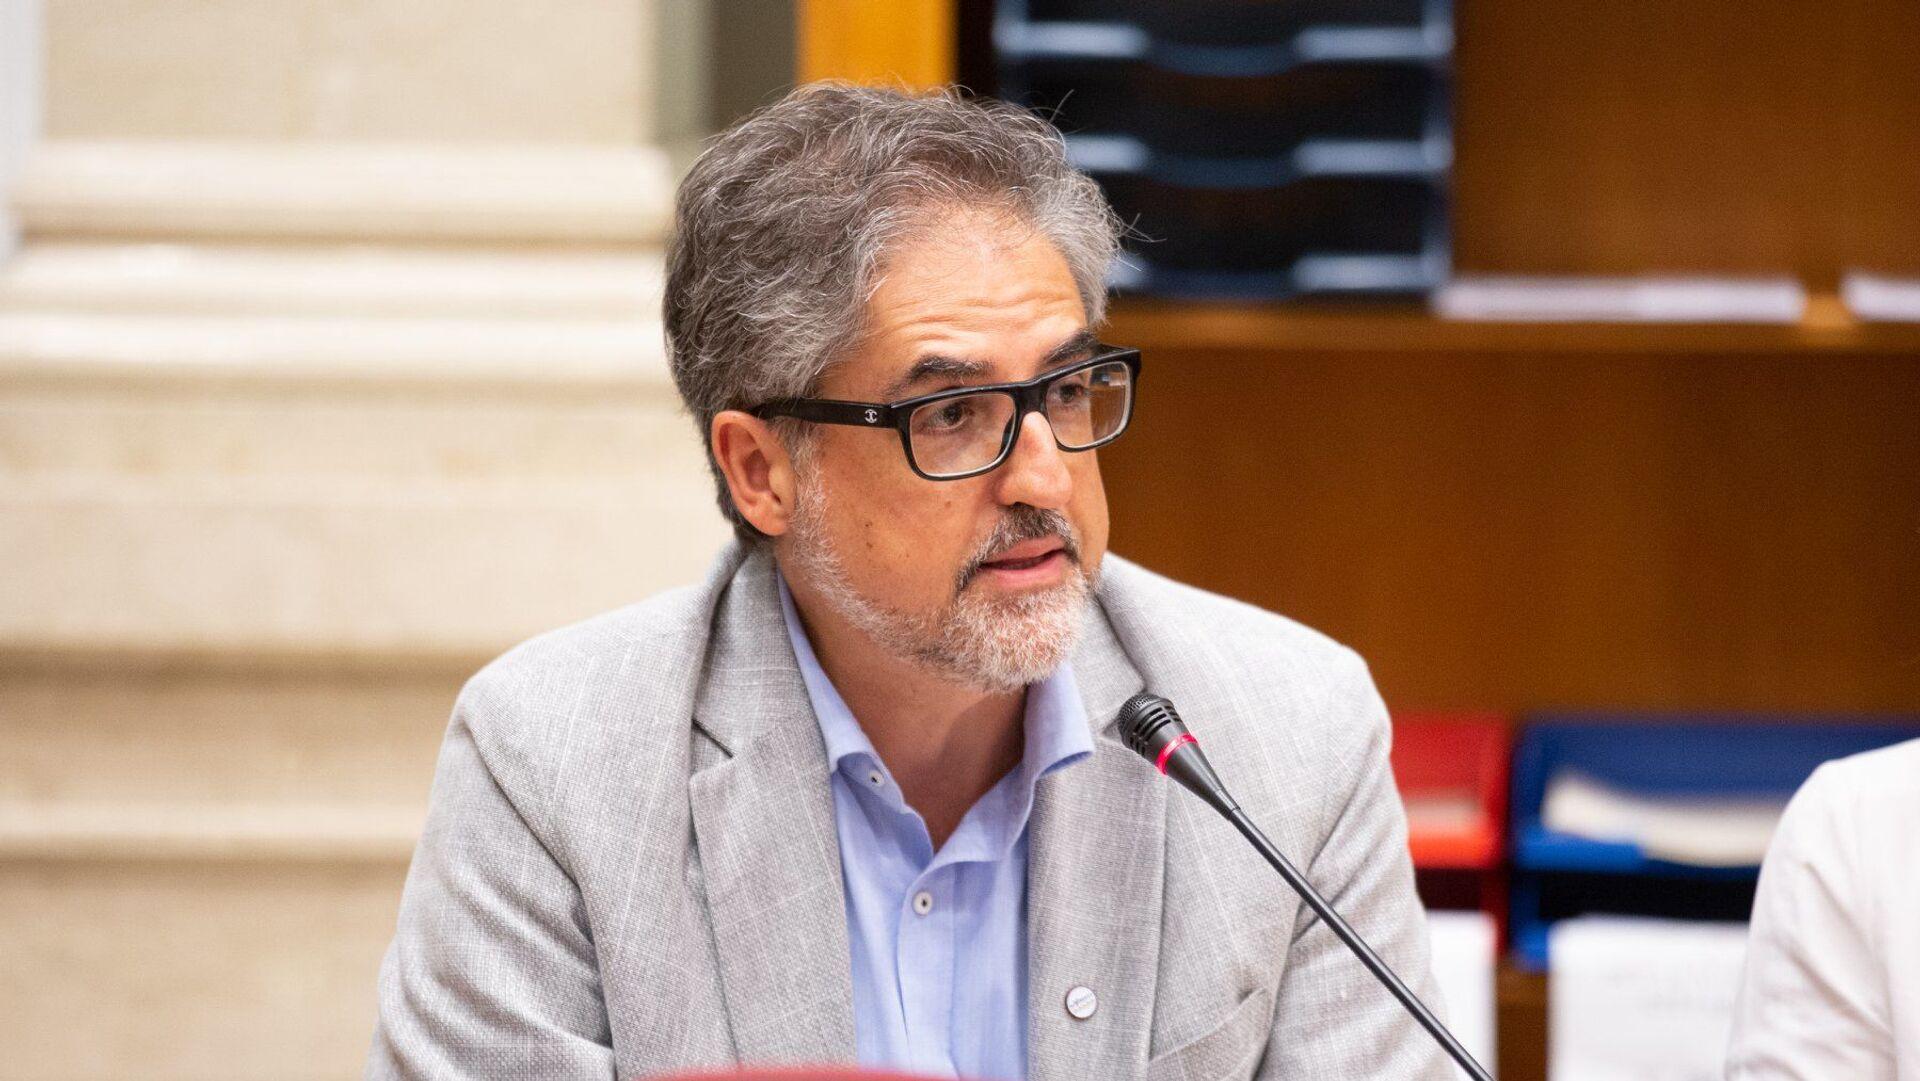 Pino Cabras, membro della Commissione Affari Esteri alla Camera dei Deputati - Sputnik Italia, 1920, 20.02.2021